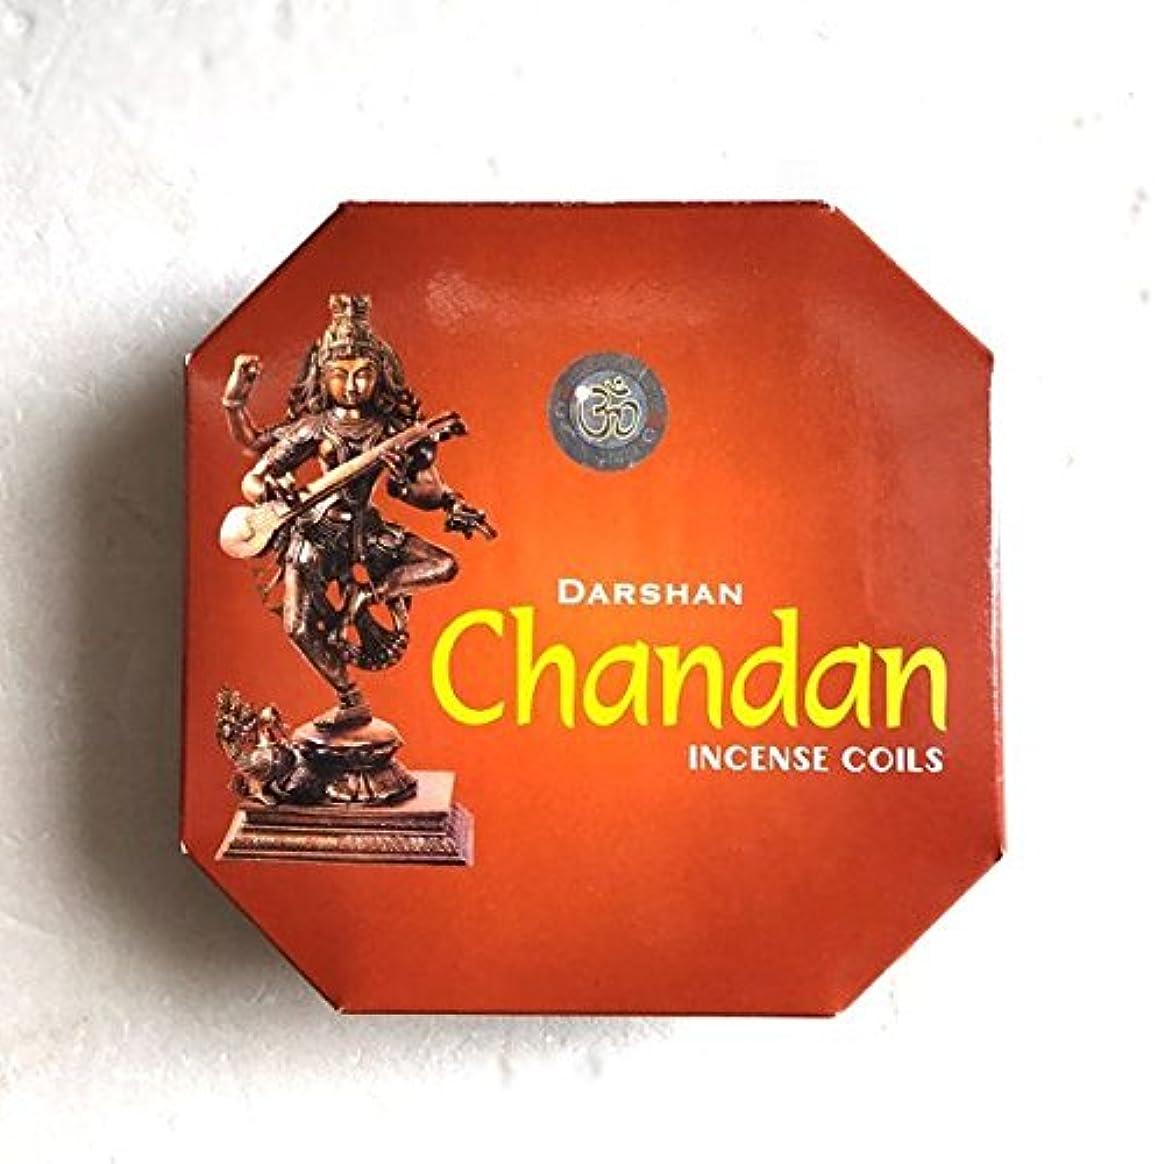 スープ歩く士気バリタイ『Chandan』チャンダン(白檀) 渦巻き香